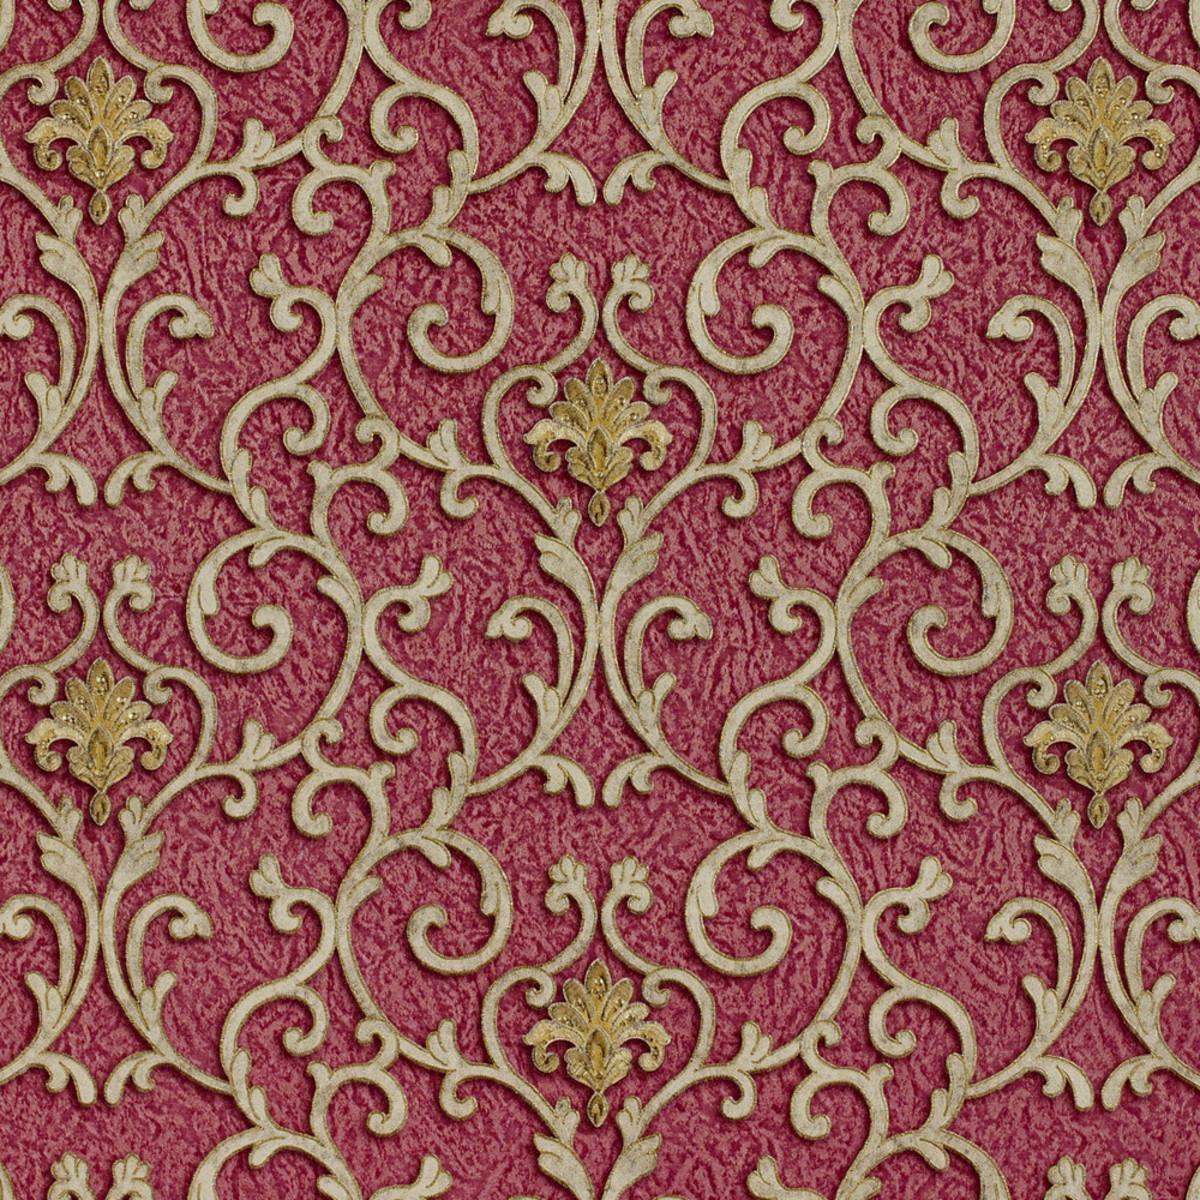 Обои флизелиновые Артекс Сирмионе коричневые 1.06 м 10107-05